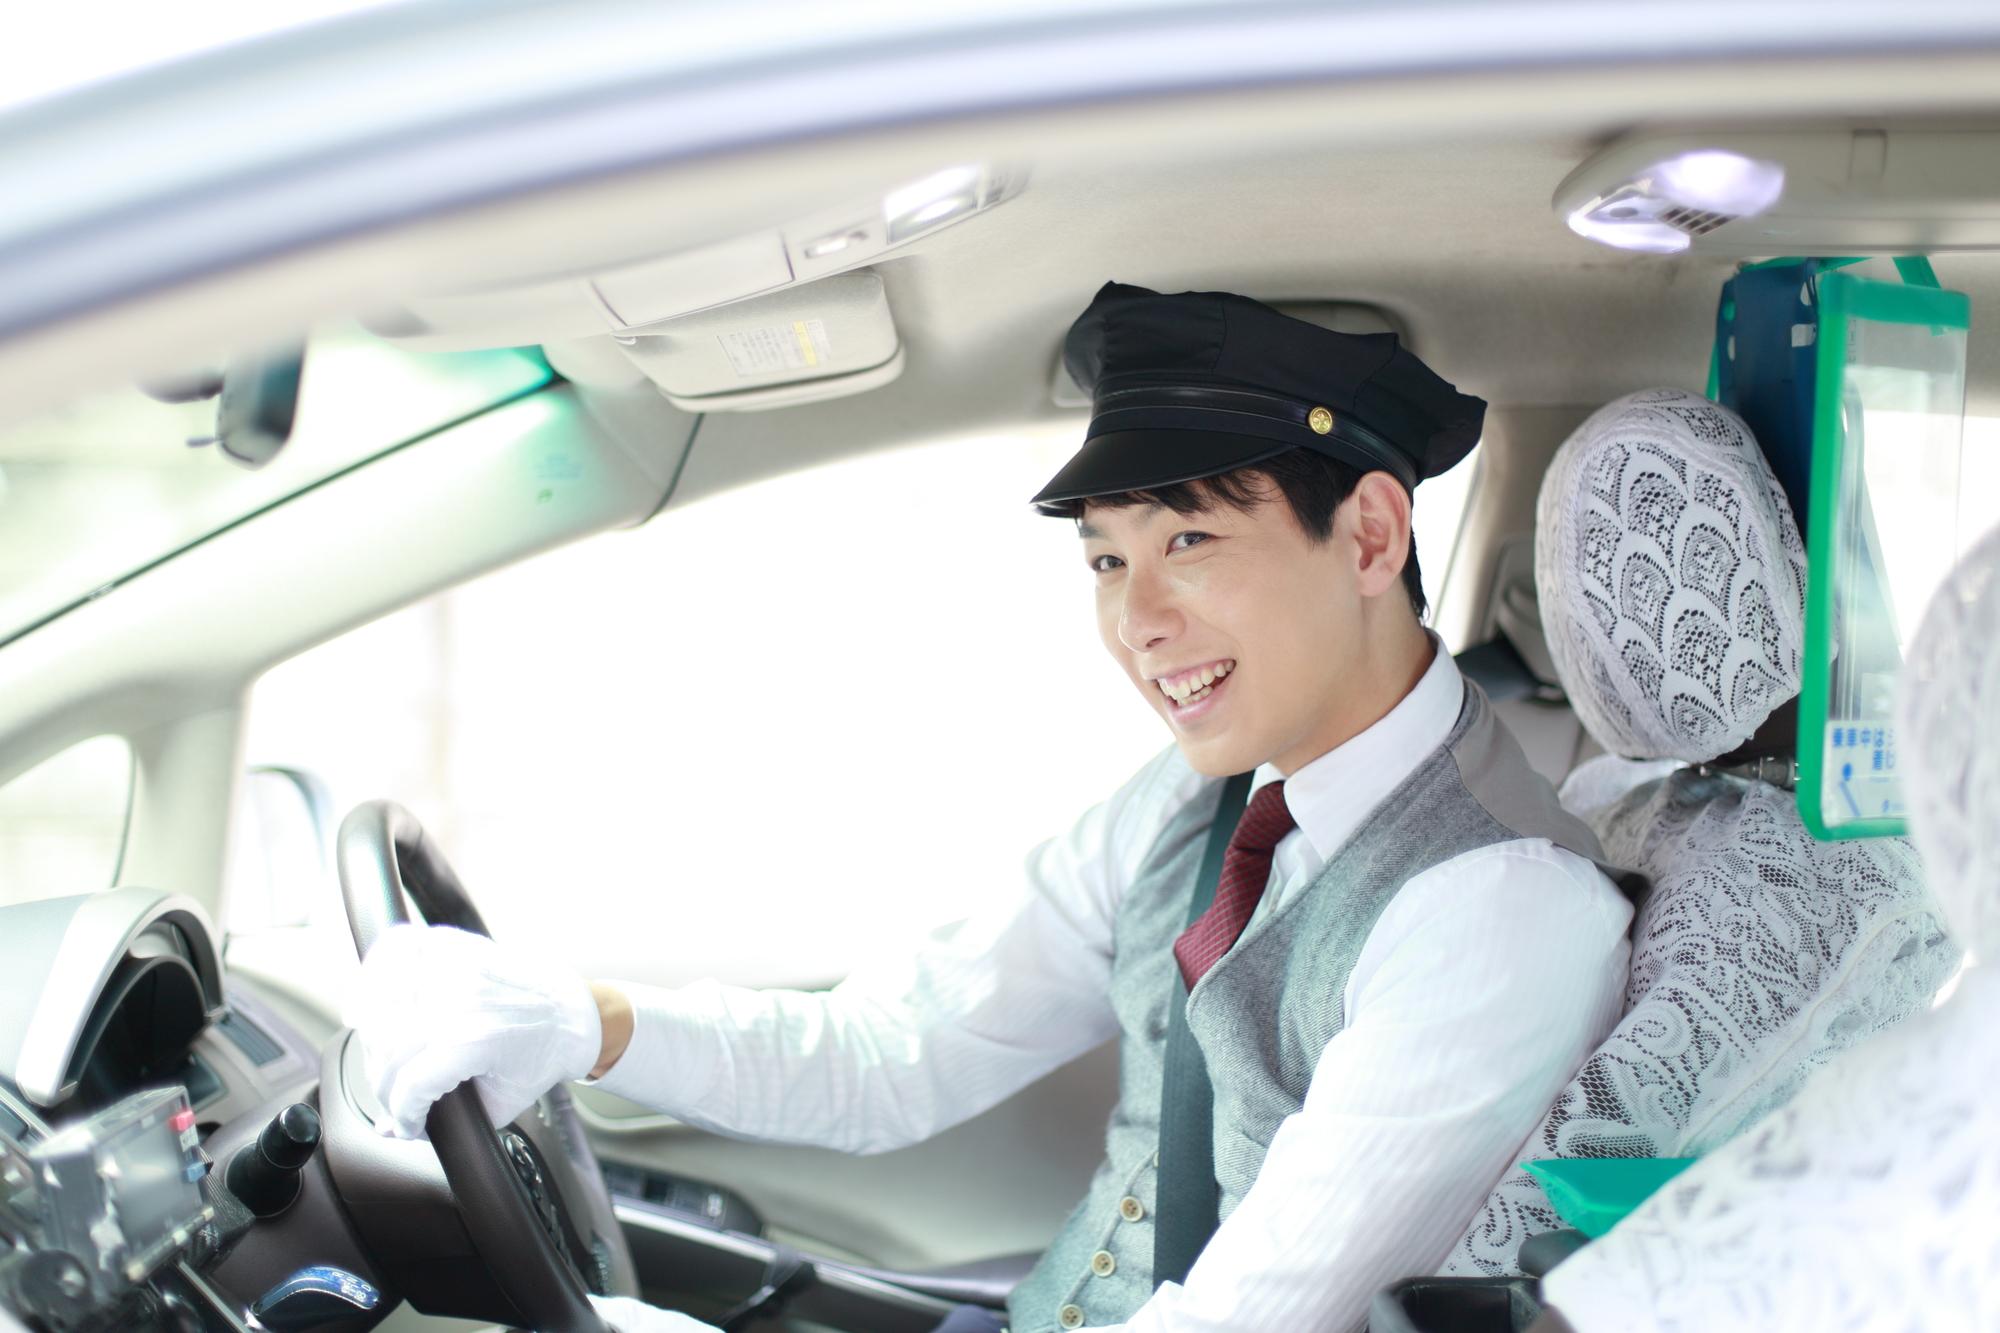 脱サラ後に個人タクシー運転手を目指している人が知っておくべきこと ...